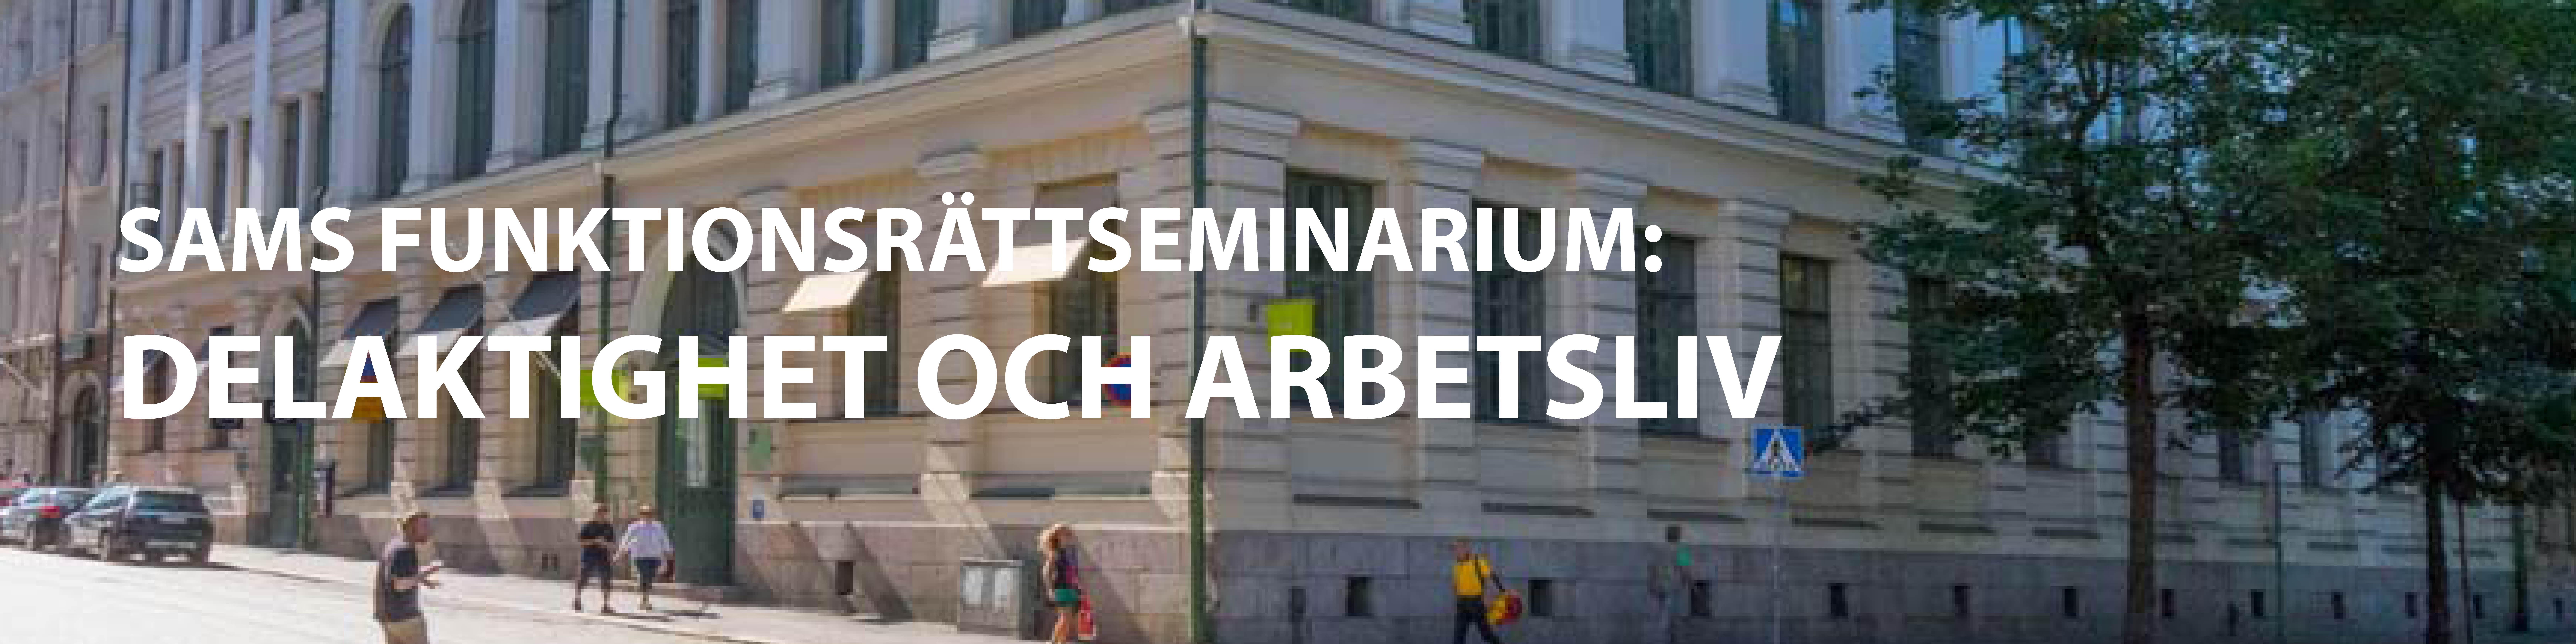 Banner för funktionsrättseminarium